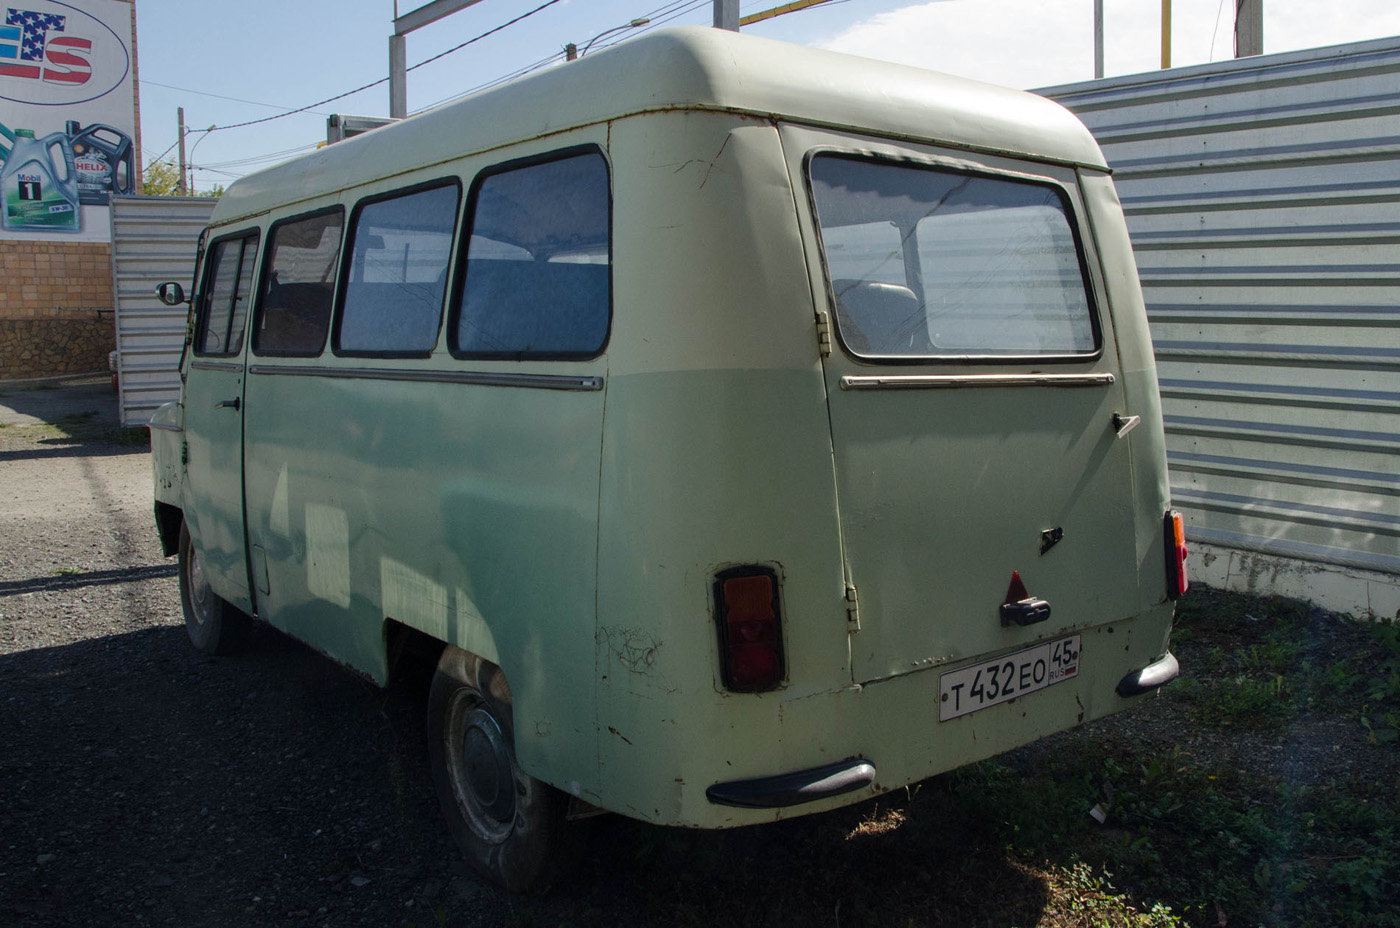 Микроавтобус Nysa 522M #Т 432 ЕО 45. Екатеринбург, Авиационная улица